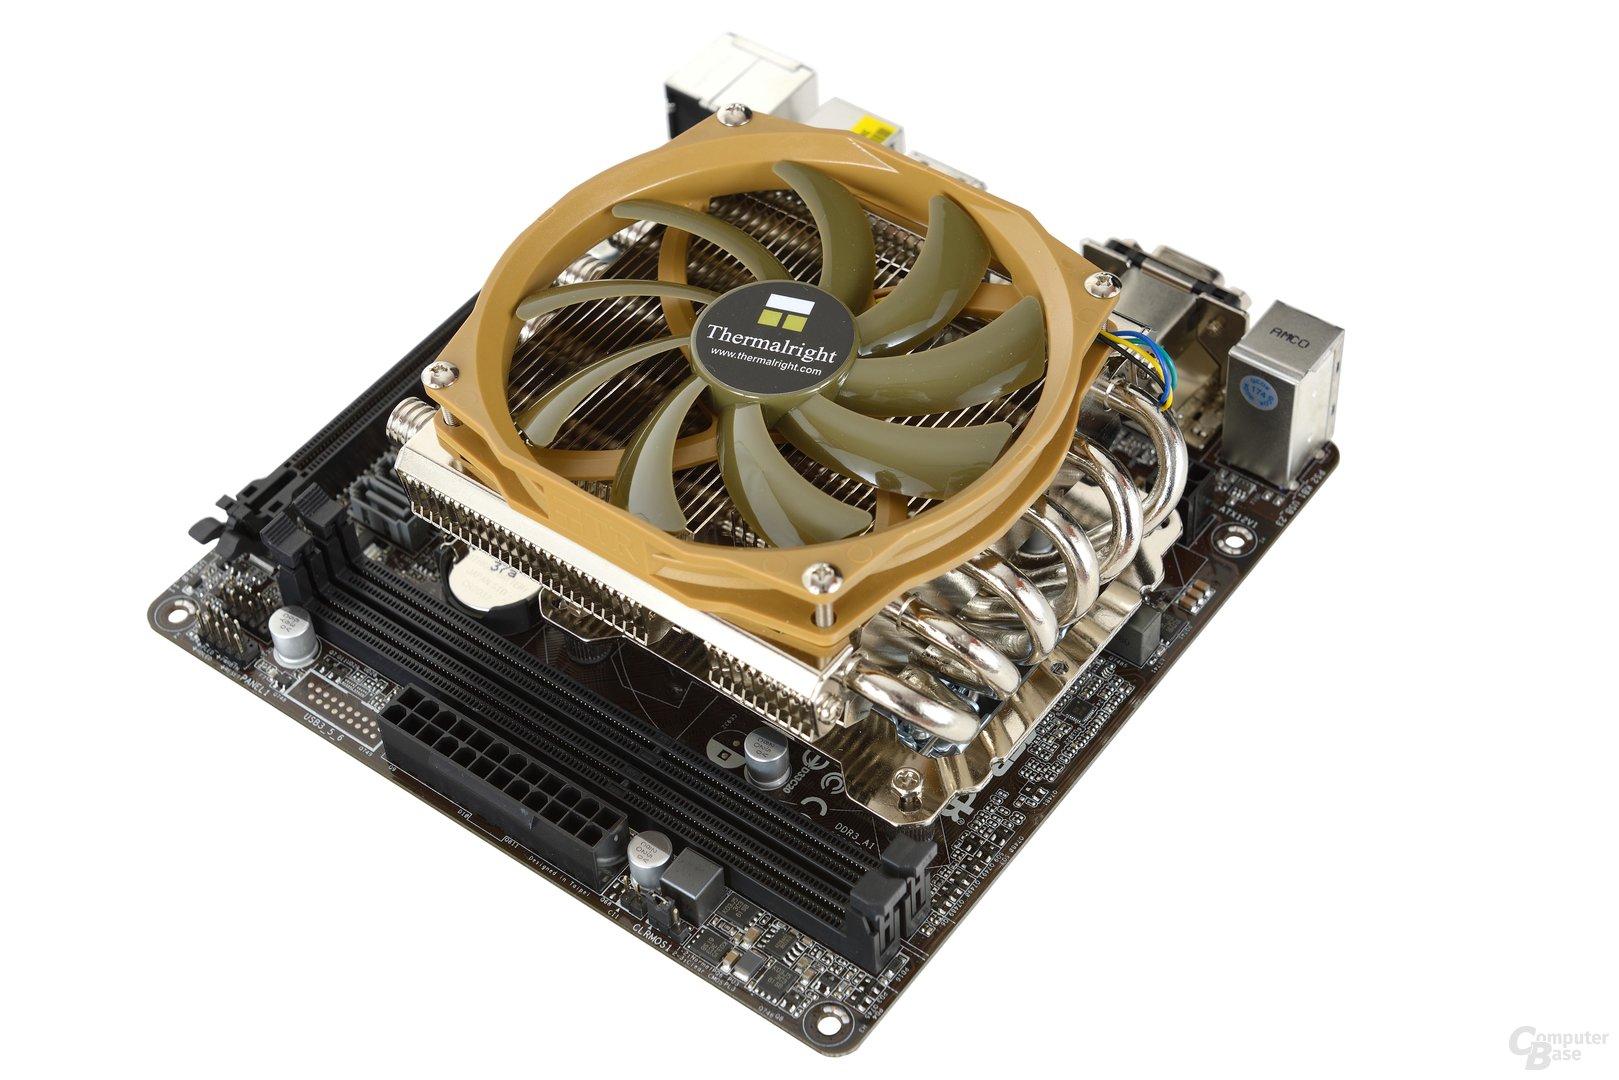 ASRock H81M-ITX mit Intel i3-4130